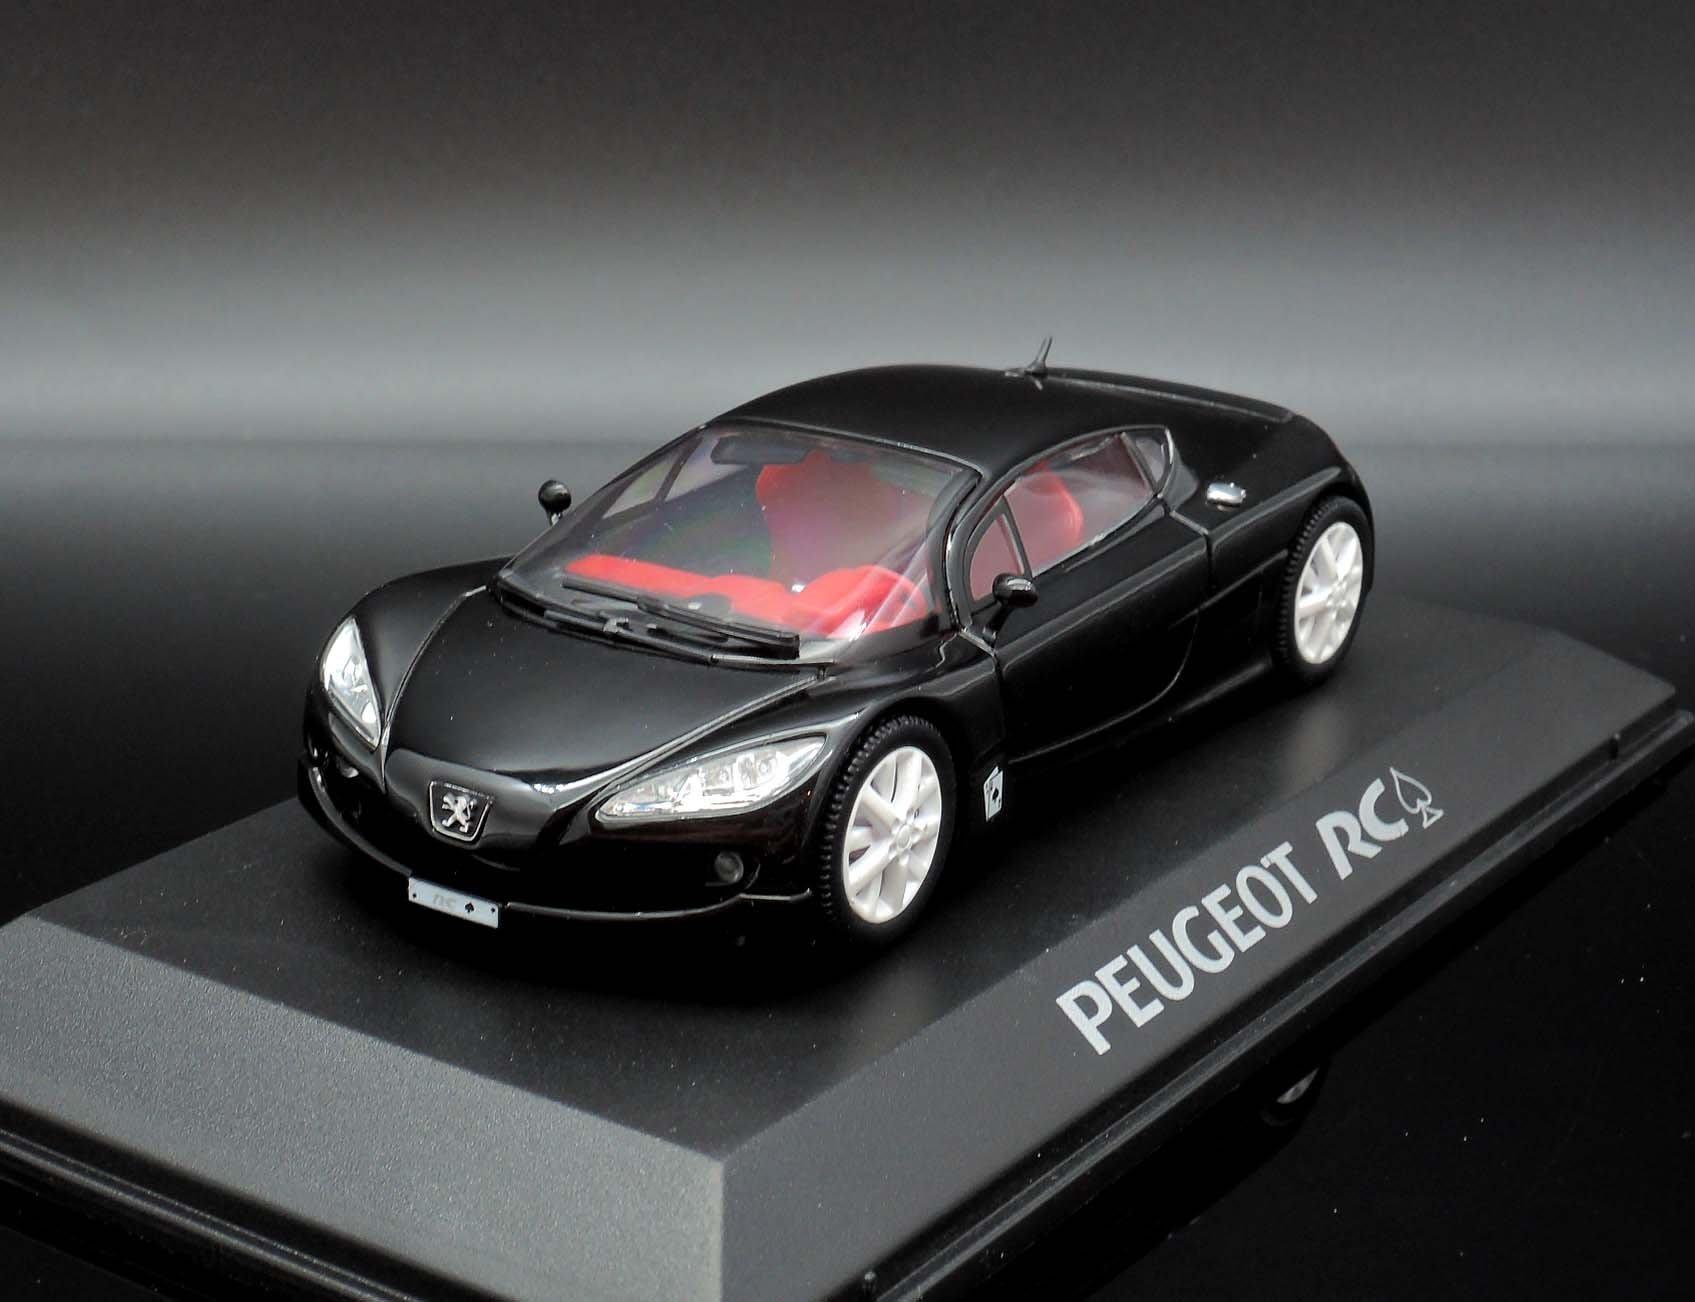 【M.A.S.H】[現貨瘋狂價] Norev 1/43 Peugeot RC Pique Concept Car 黑